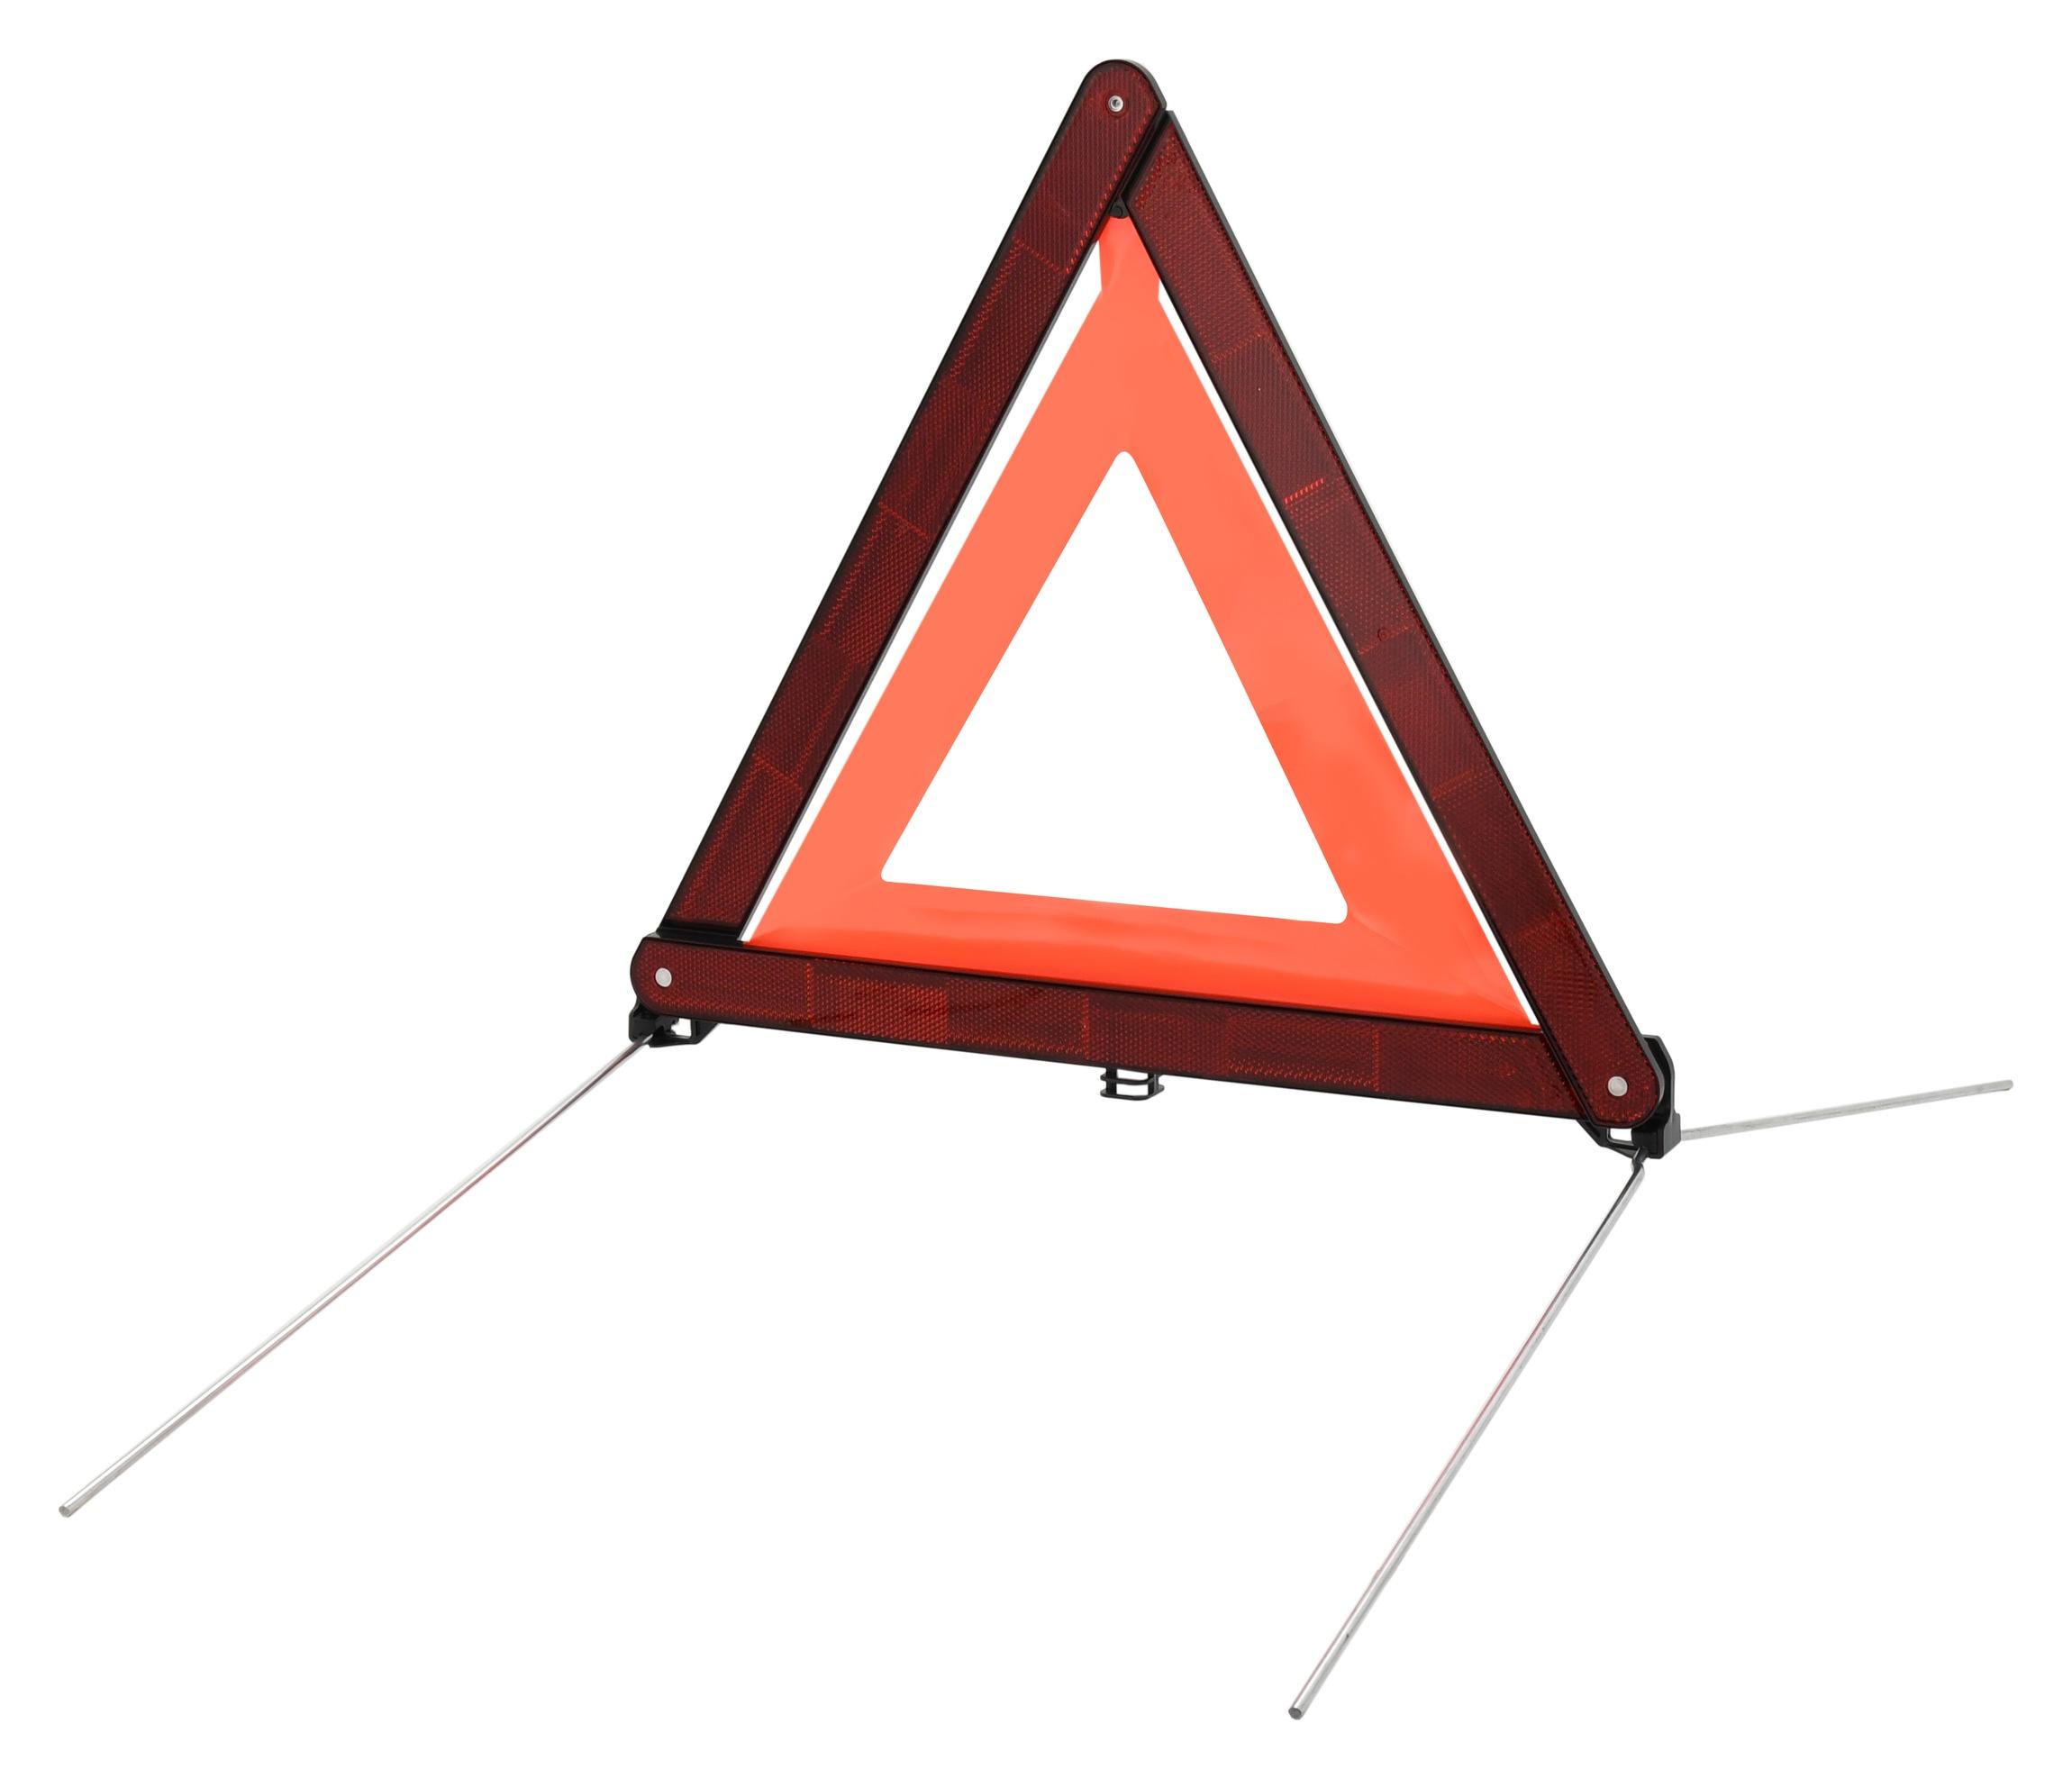 Trojúhelník výstražný 474g EU E8, 01524